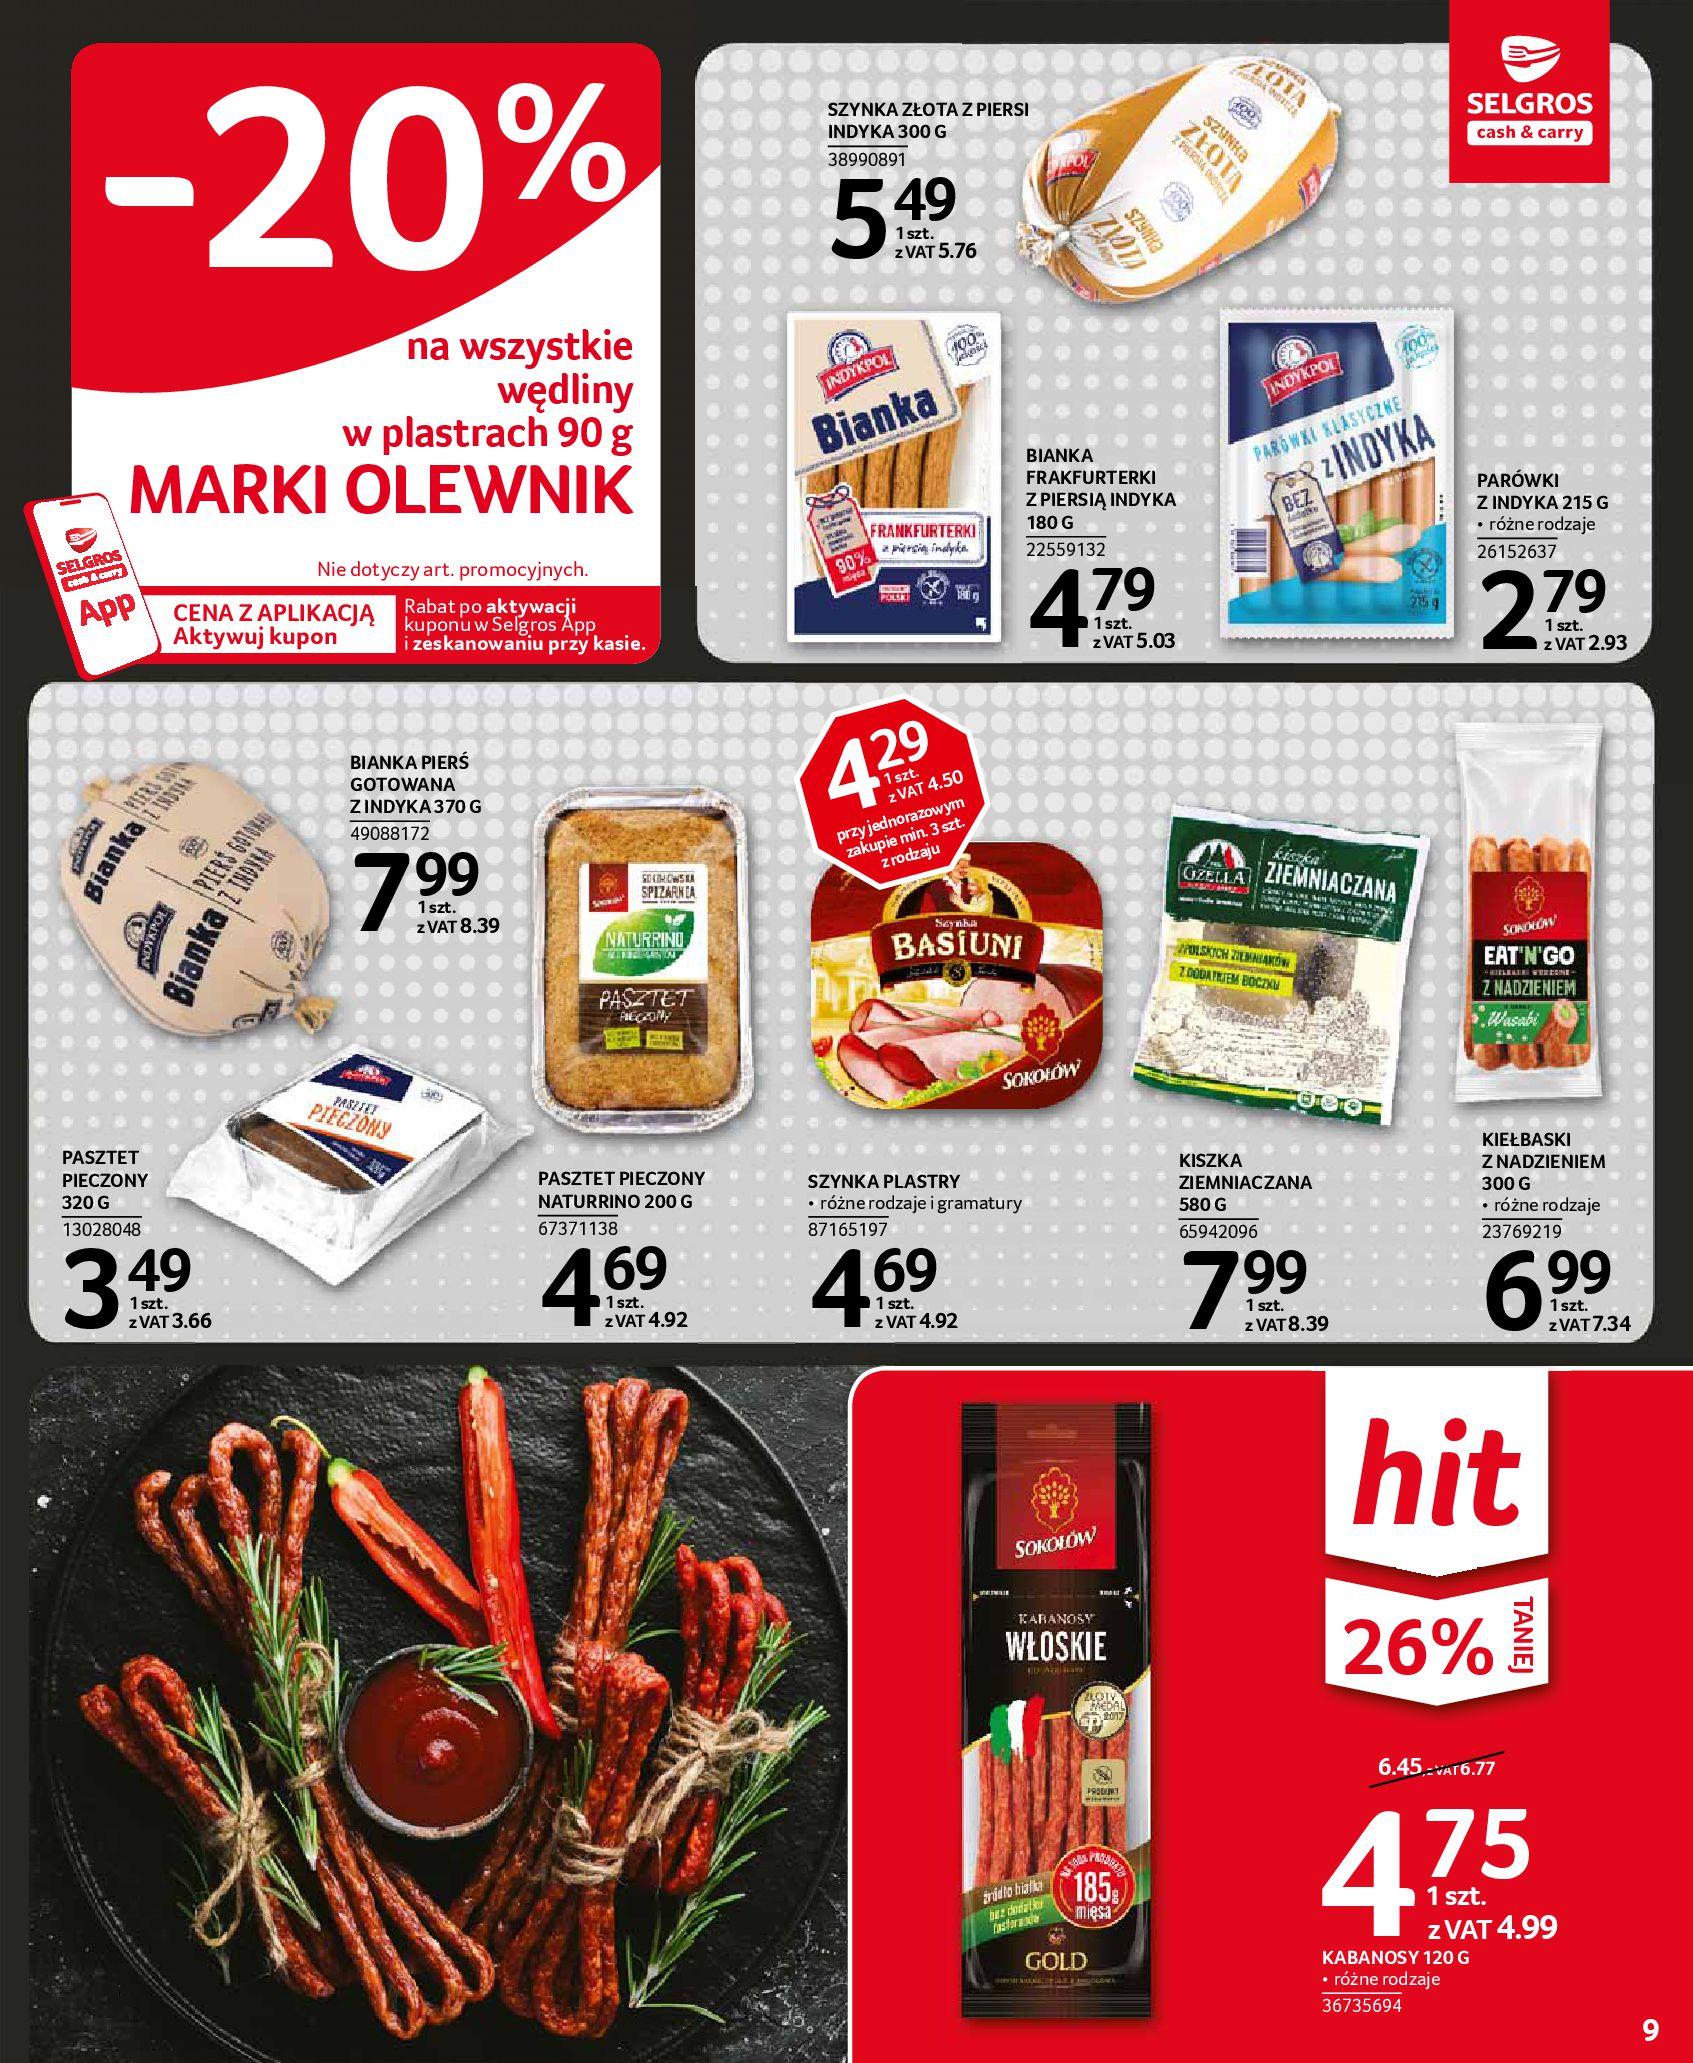 Gazetka Selgros - Oferta spożywcza-18.11.2020-02.12.2020-page-9